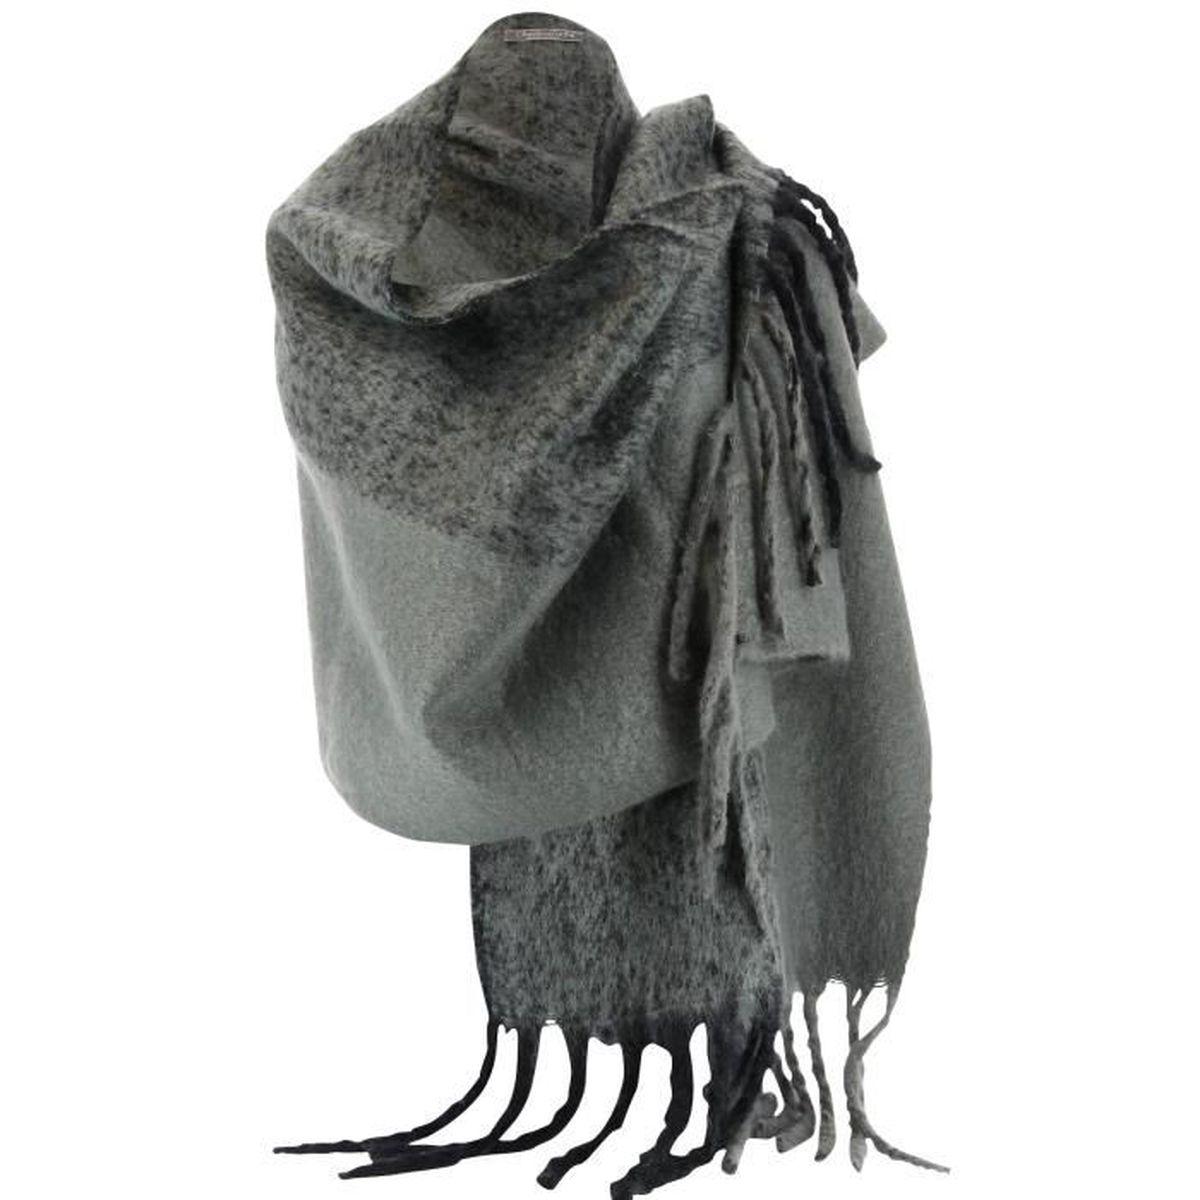 Charleselie94 grosse charpe tole laine hiver xxl mixte gris eymeric gris taille unique - Grosse echarpe en laine ...